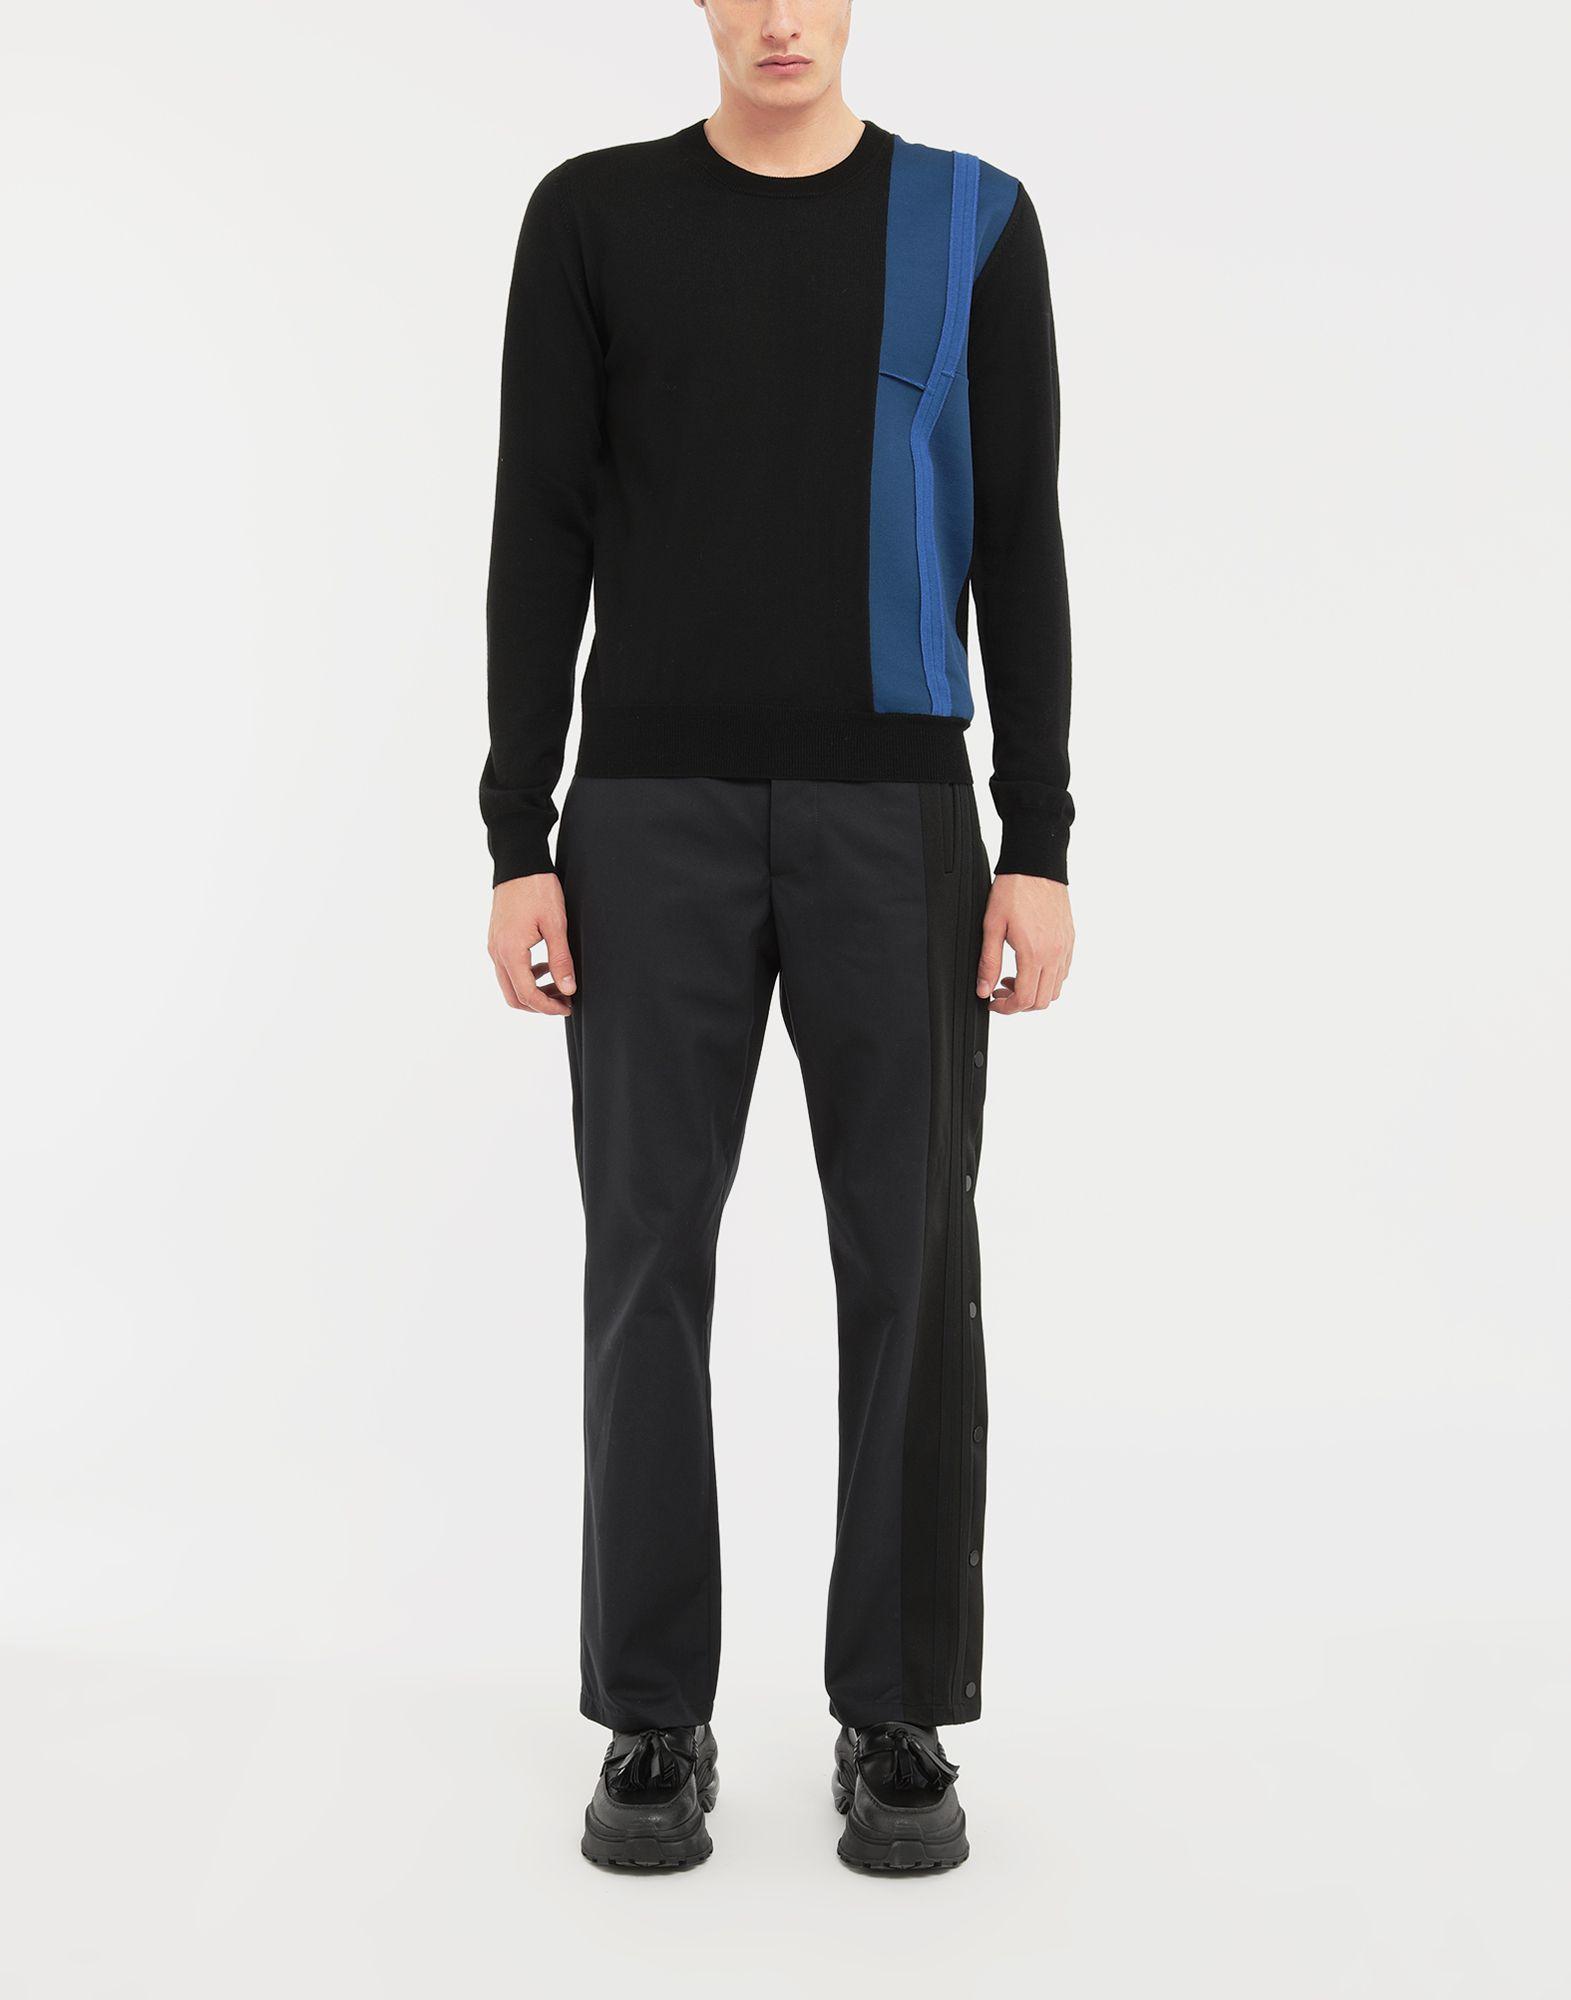 MAISON MARGIELA Spliced wool knit pullover Long sleeve sweater Man d